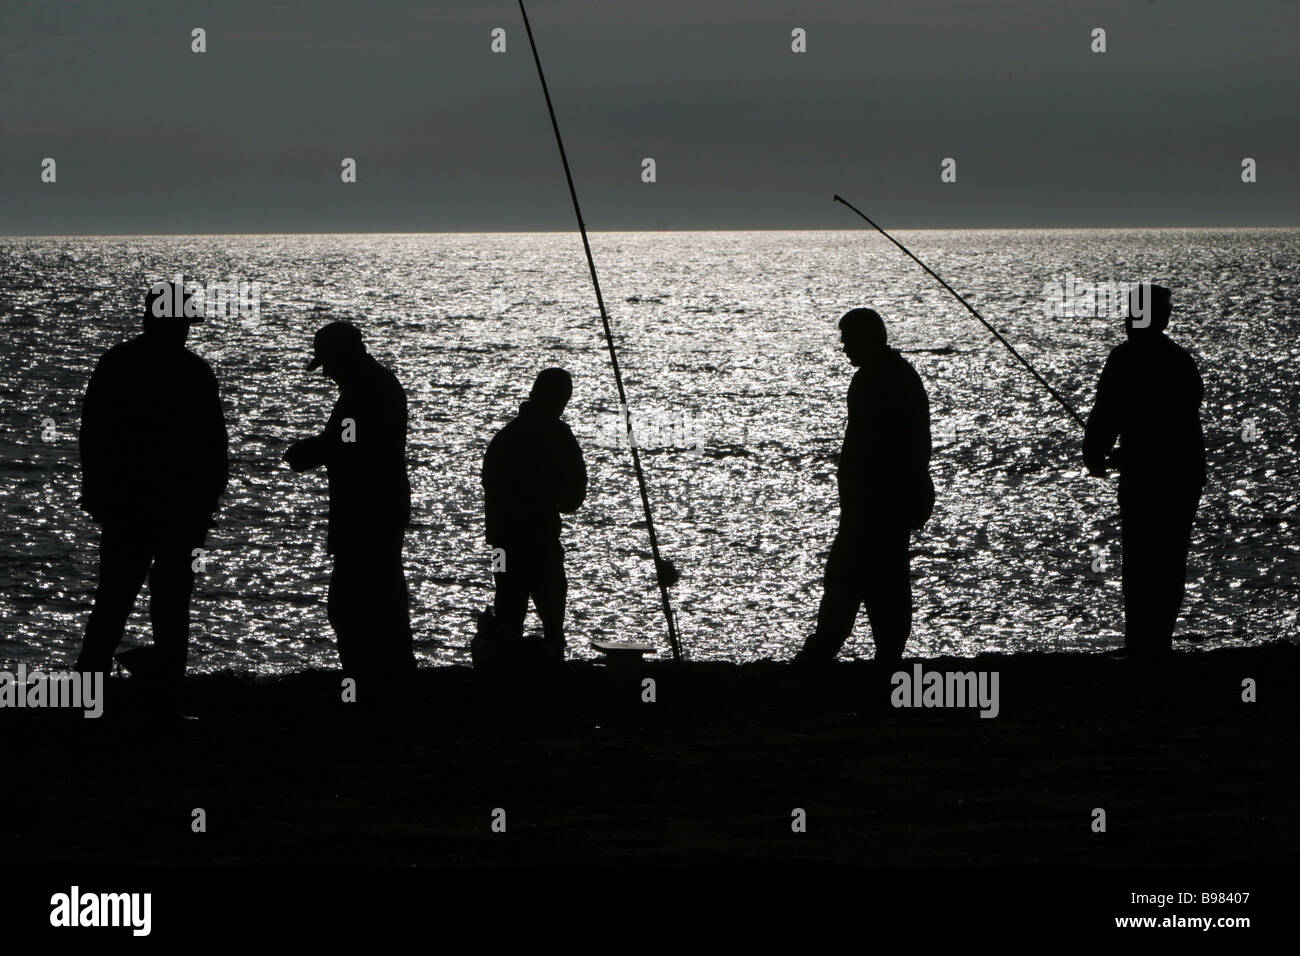 Pesca nocturna en el Caspio Derbent Imagen De Stock